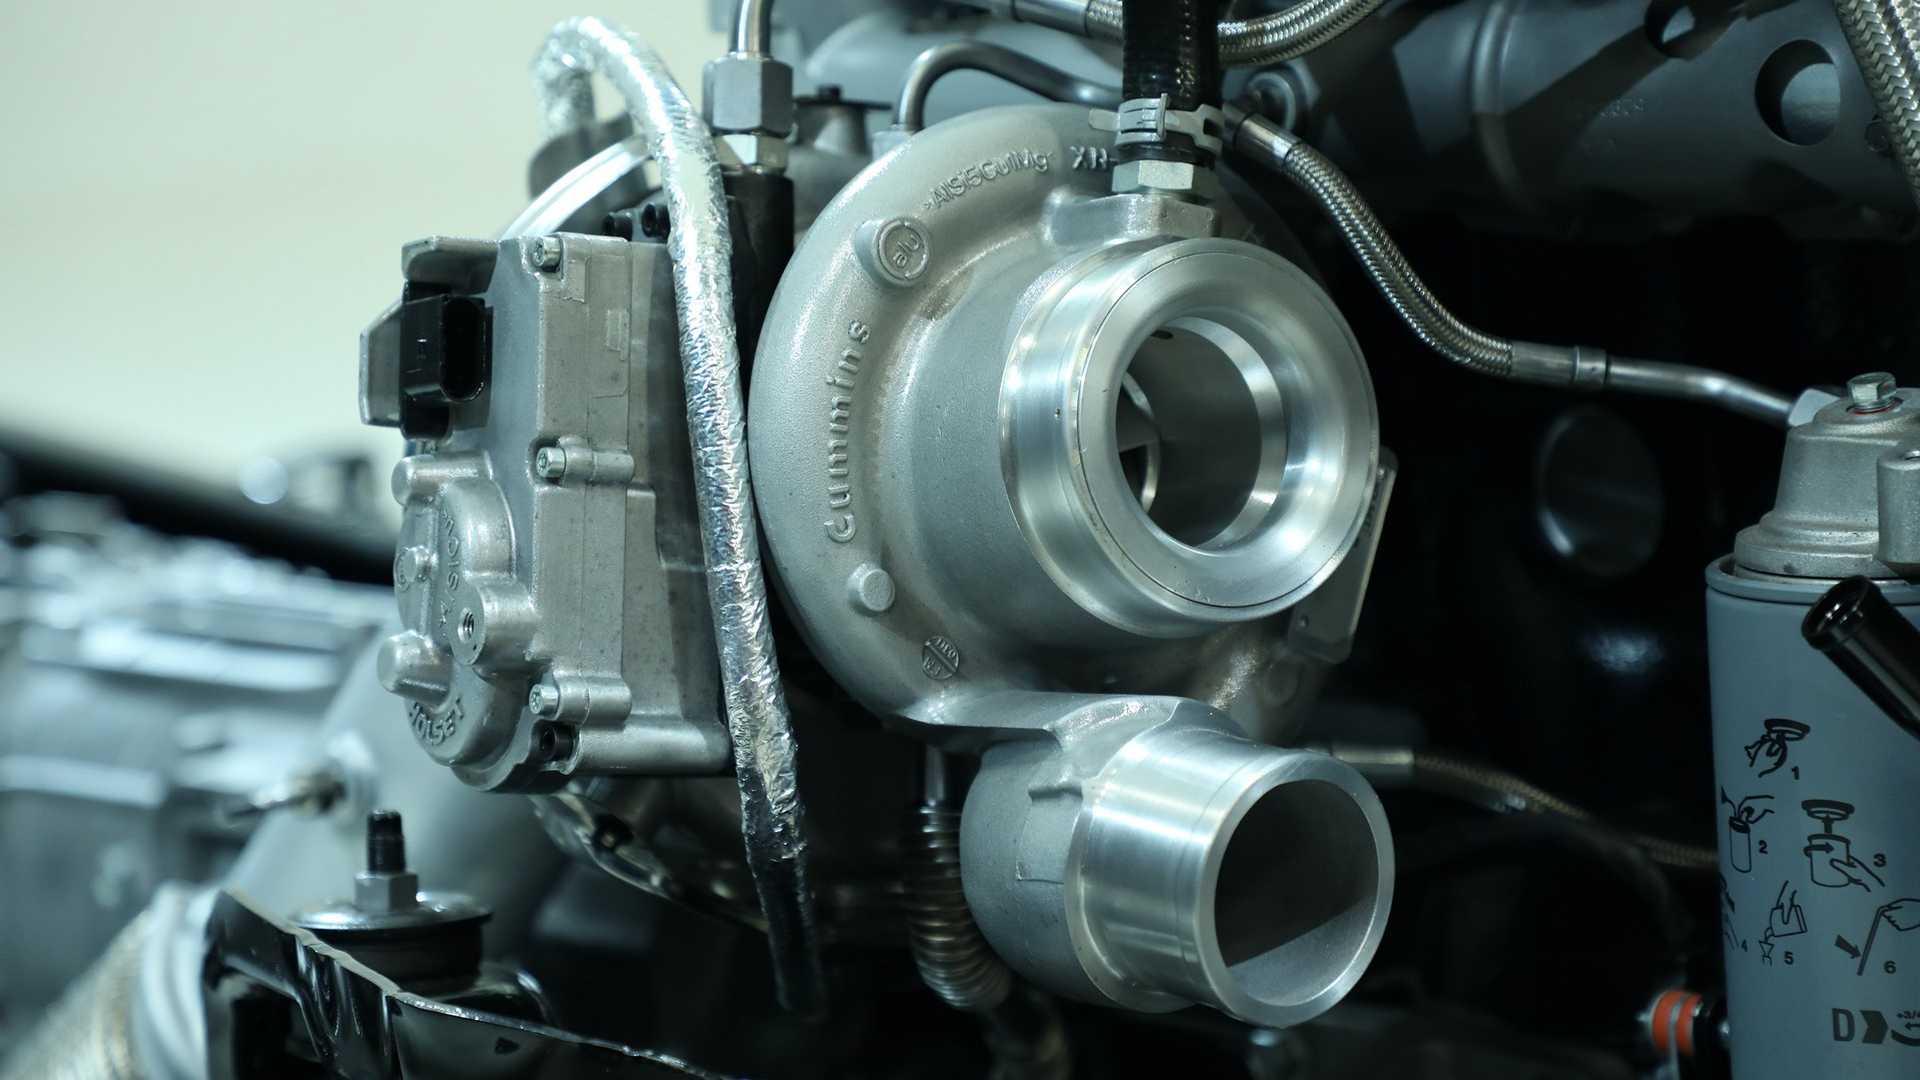 2019-ram-heavy-duty-powertrain-technologies (24)